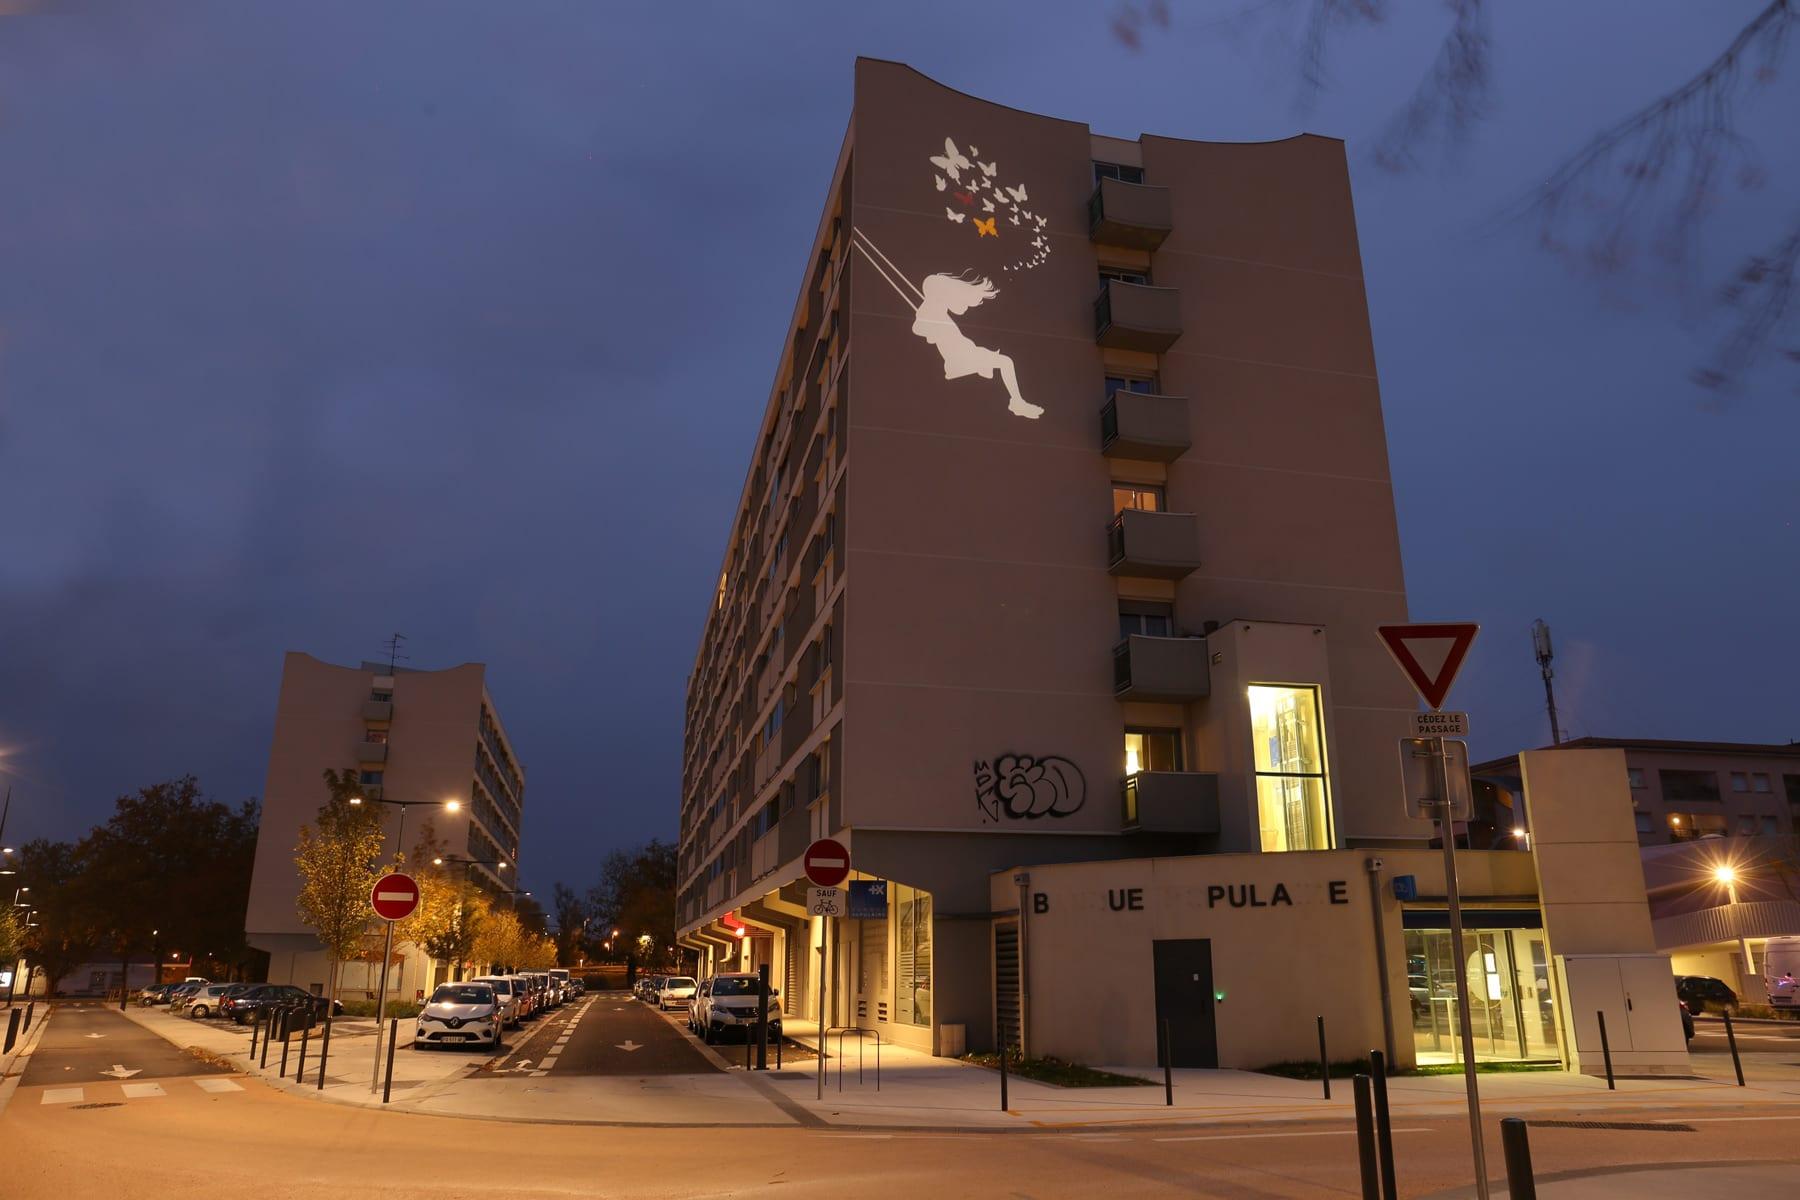 Vue d'une façade d'imeuble de nuit avec une projection d'image lumineuse